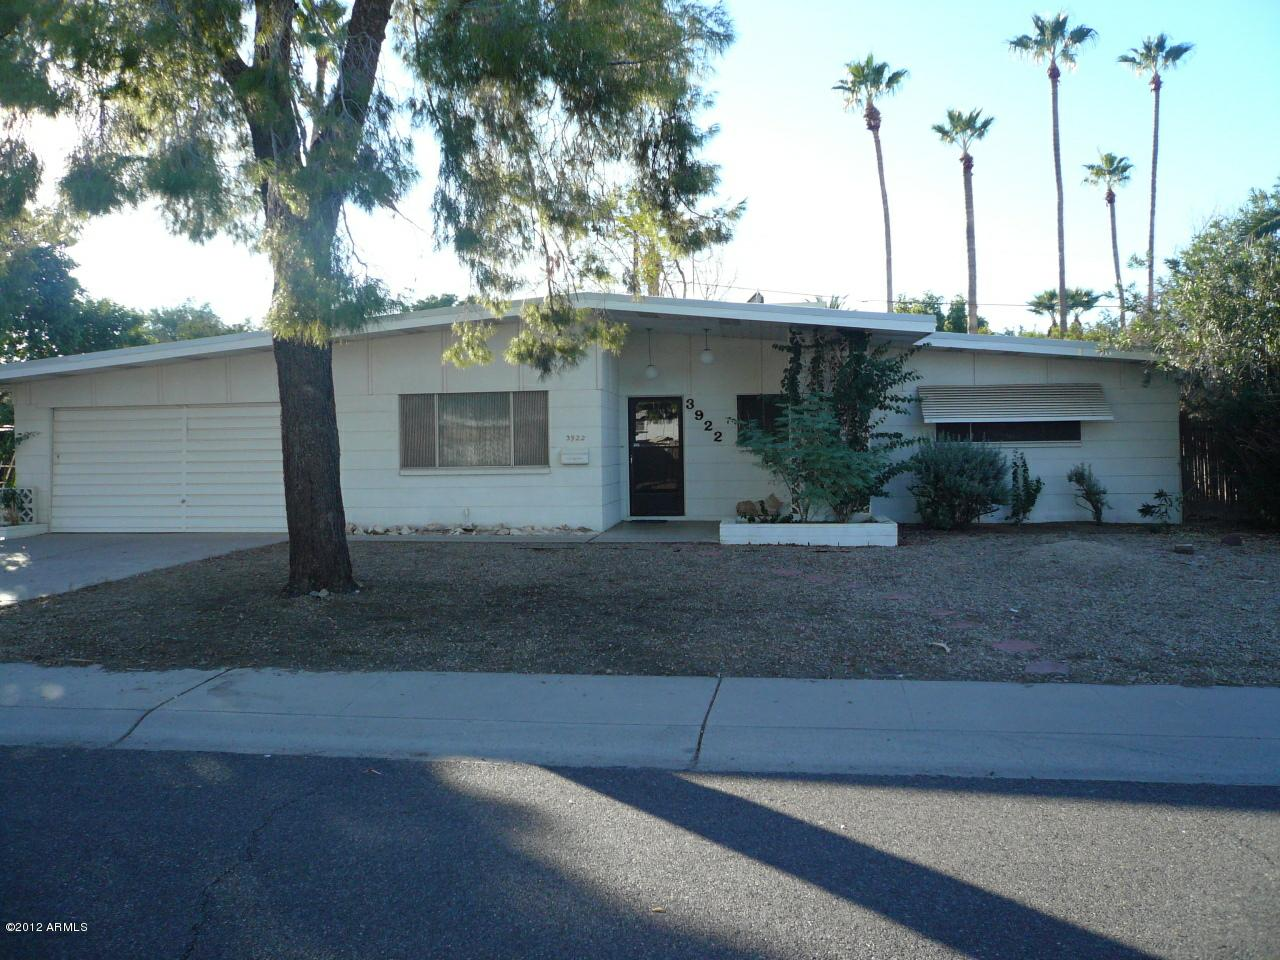 3922 E Becker Lane, Phoenix, AZ 85028 (MLS #4841840) :: The Daniel Montez Real Estate Group